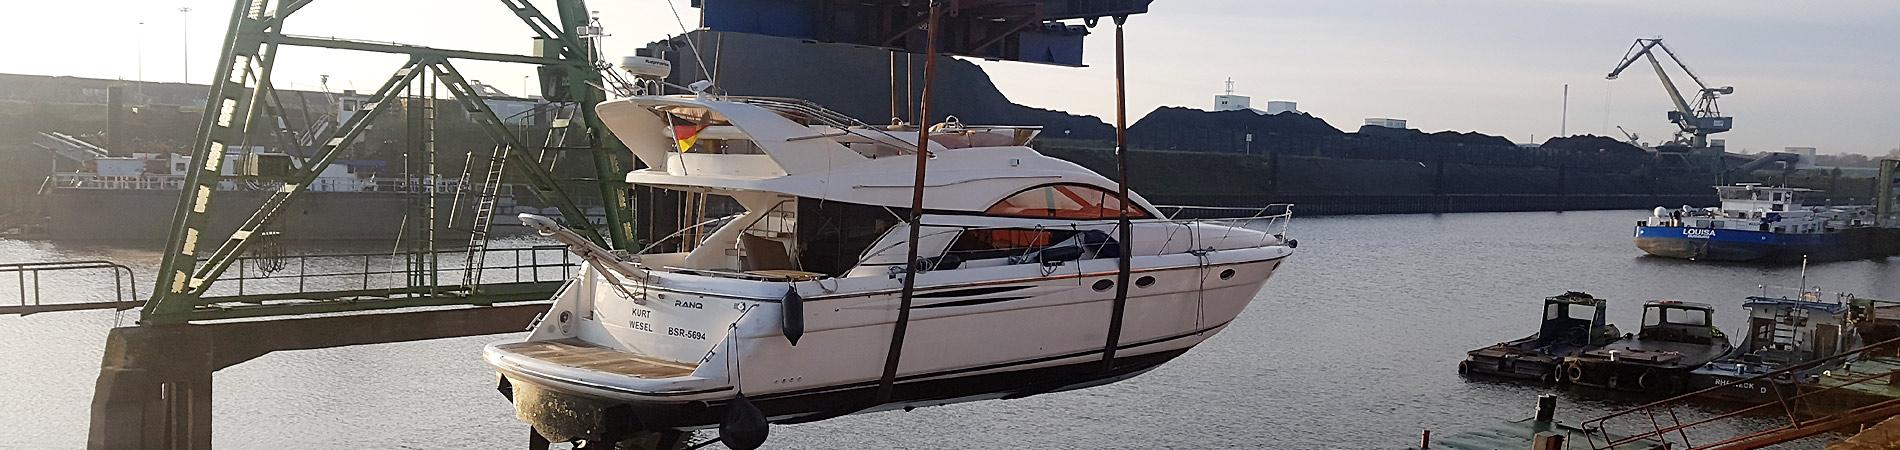 Yachtservice Meidericher Schiffswerft MSW Duisburg - Kranservice